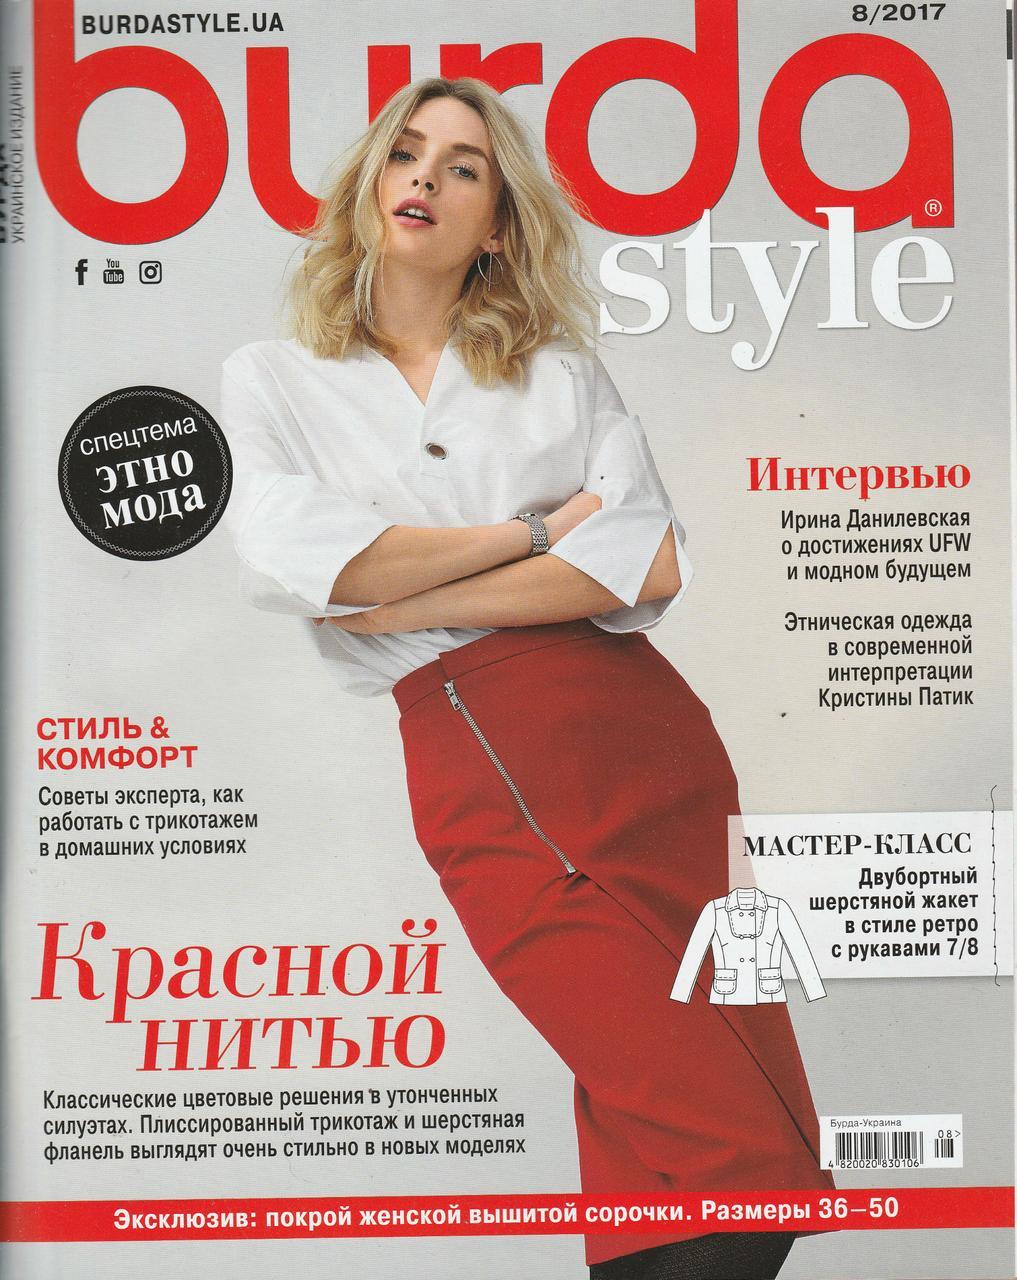 Журнал Бурда Україна (Burda UA) серпень №08 2017